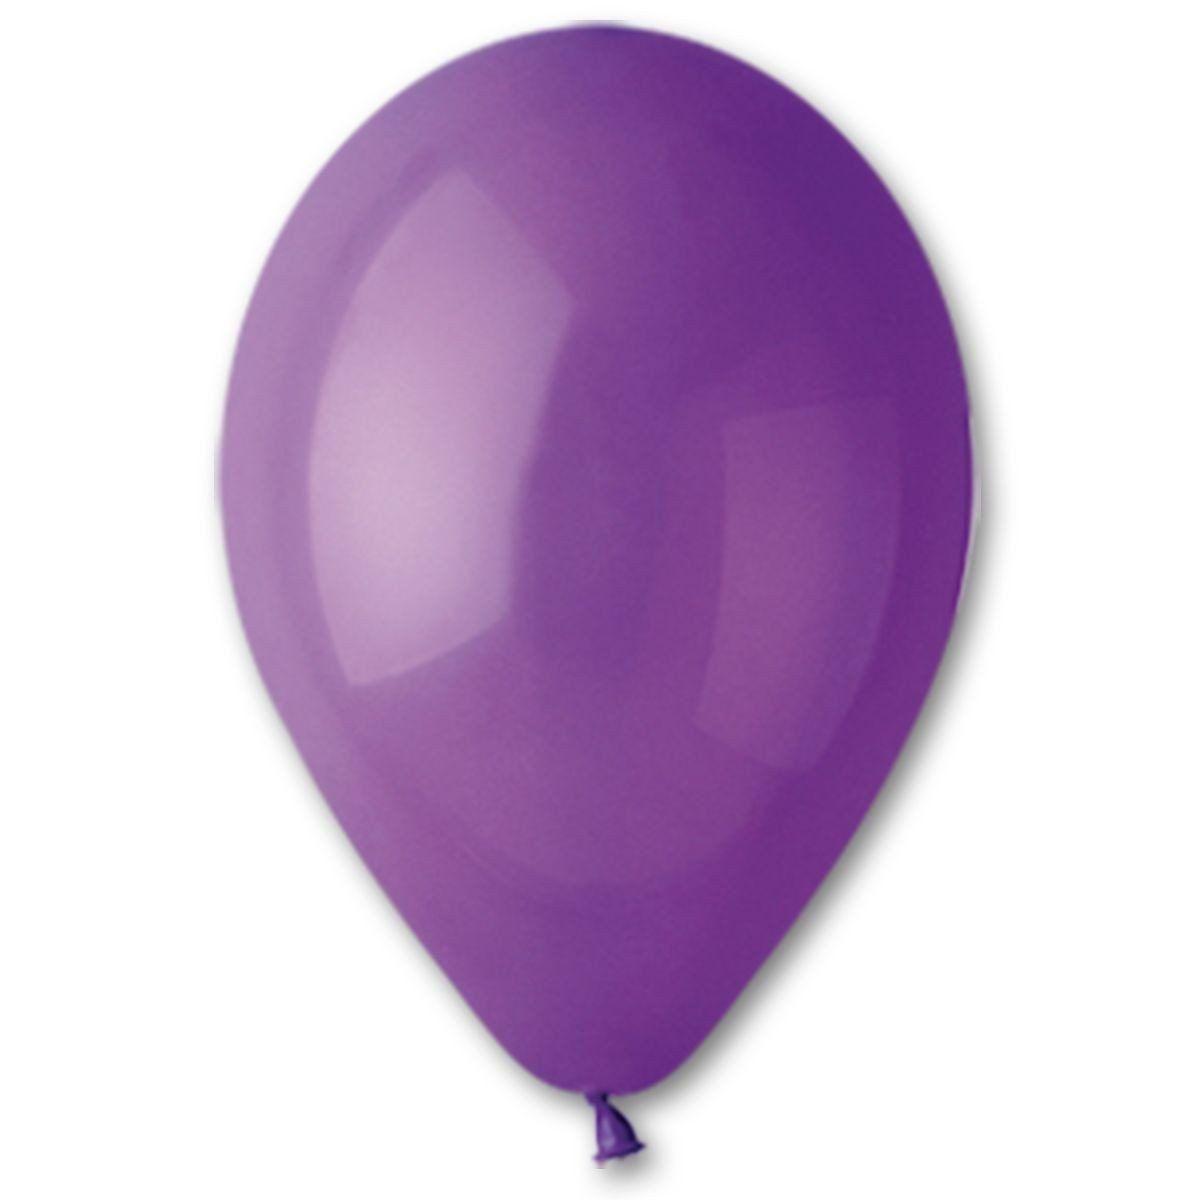 """Латексные шары круглые без рисунка 5"""" 13см Пастель фиолетовый """"GEMAR"""" Италия"""